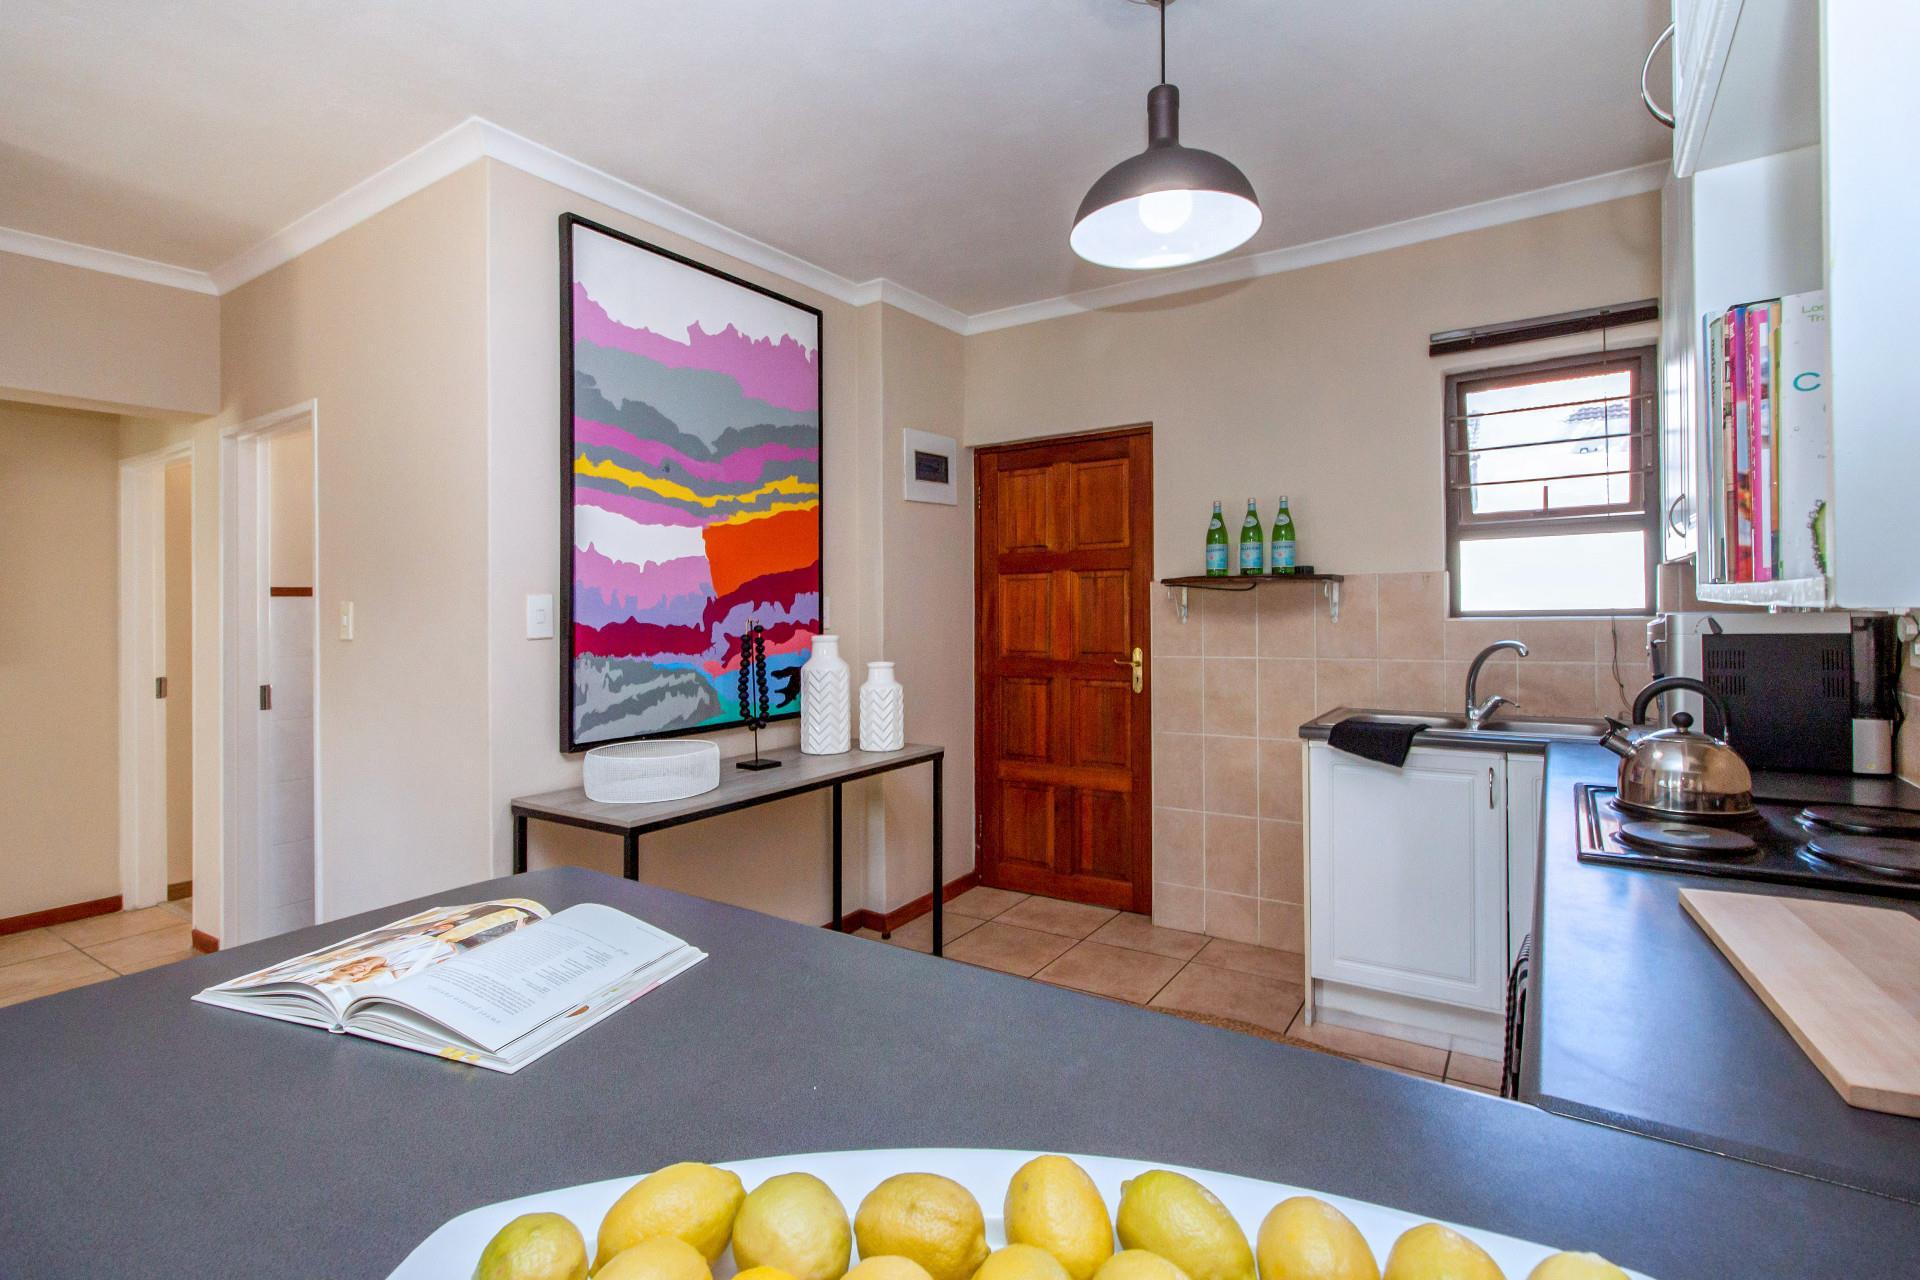 2 Bedroom Duplex For Sale in Broadacres